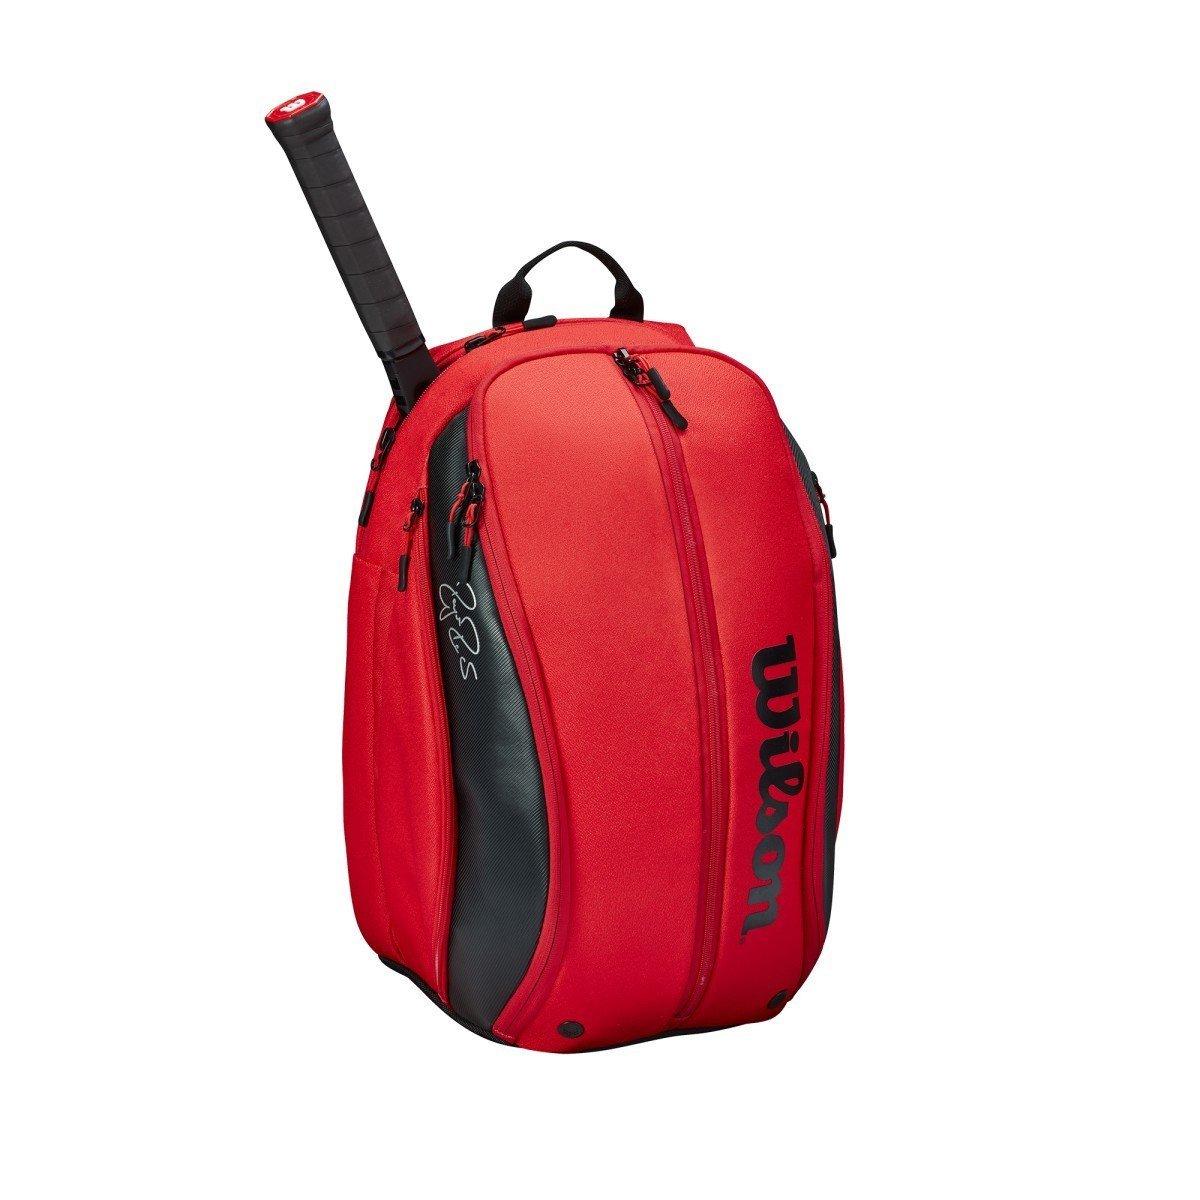 Tennis Backpack – Wilson Roger Federer DNA